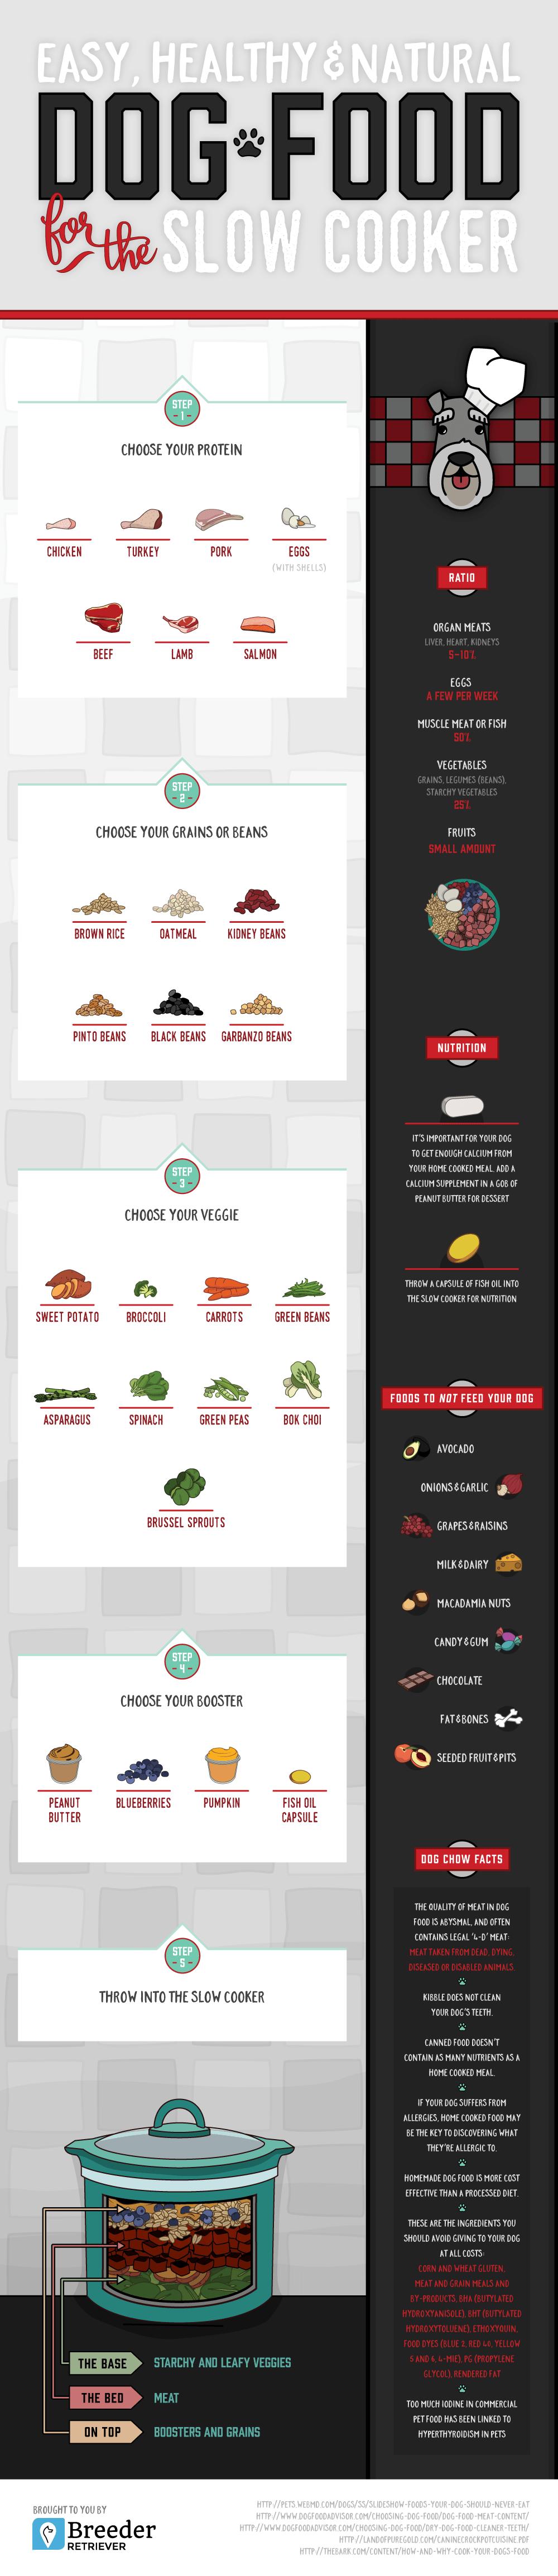 Slow Cooker Dog Food